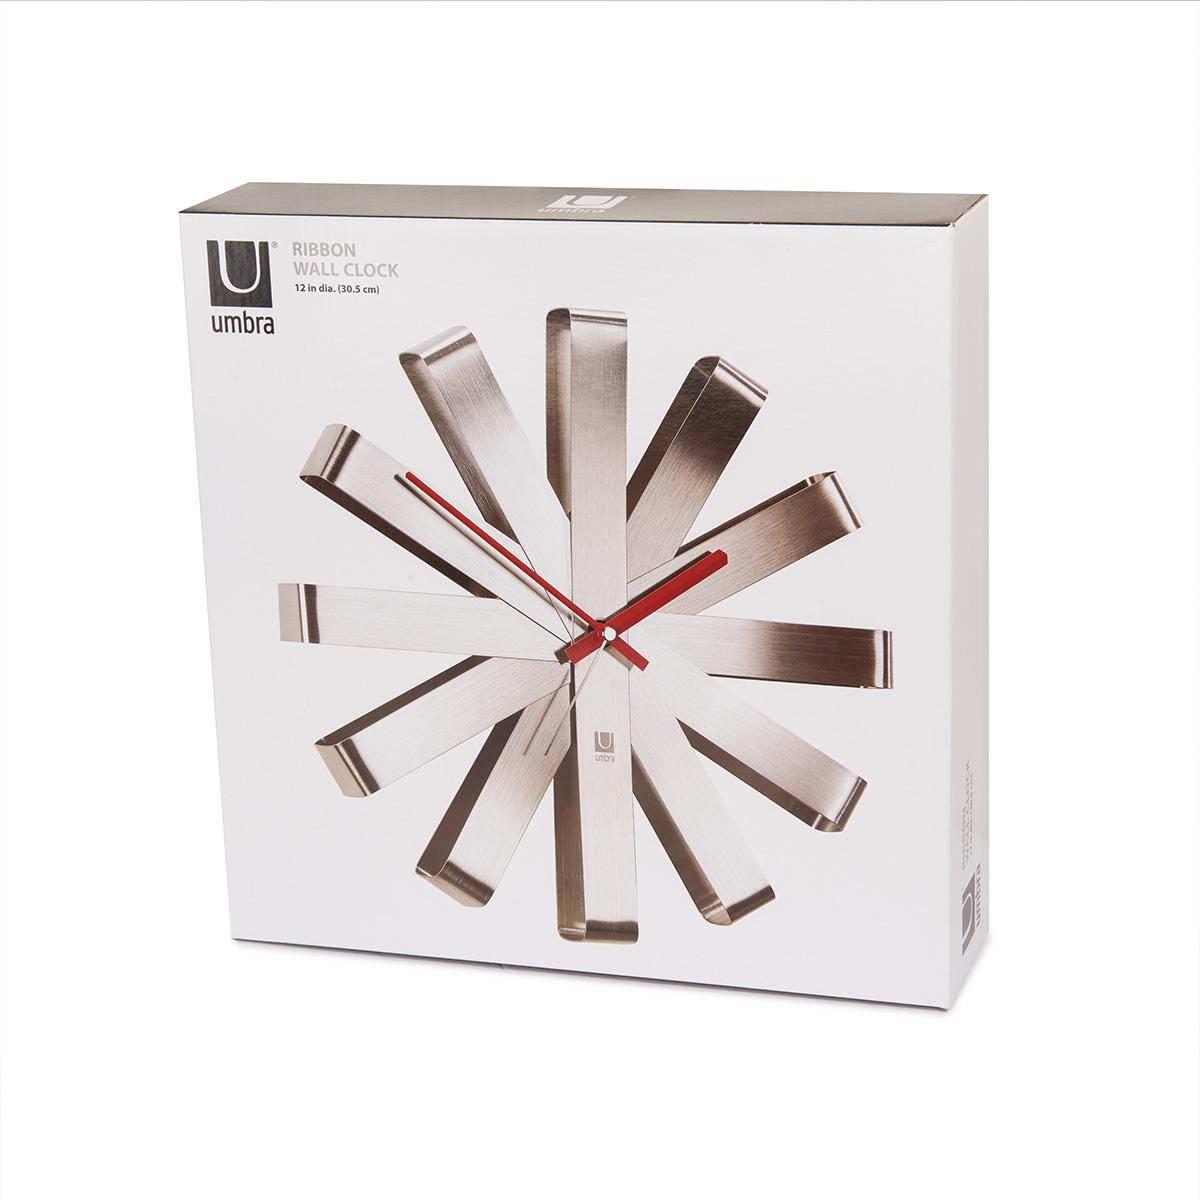 Zidni sat Ribbon mat hrom 118070-590